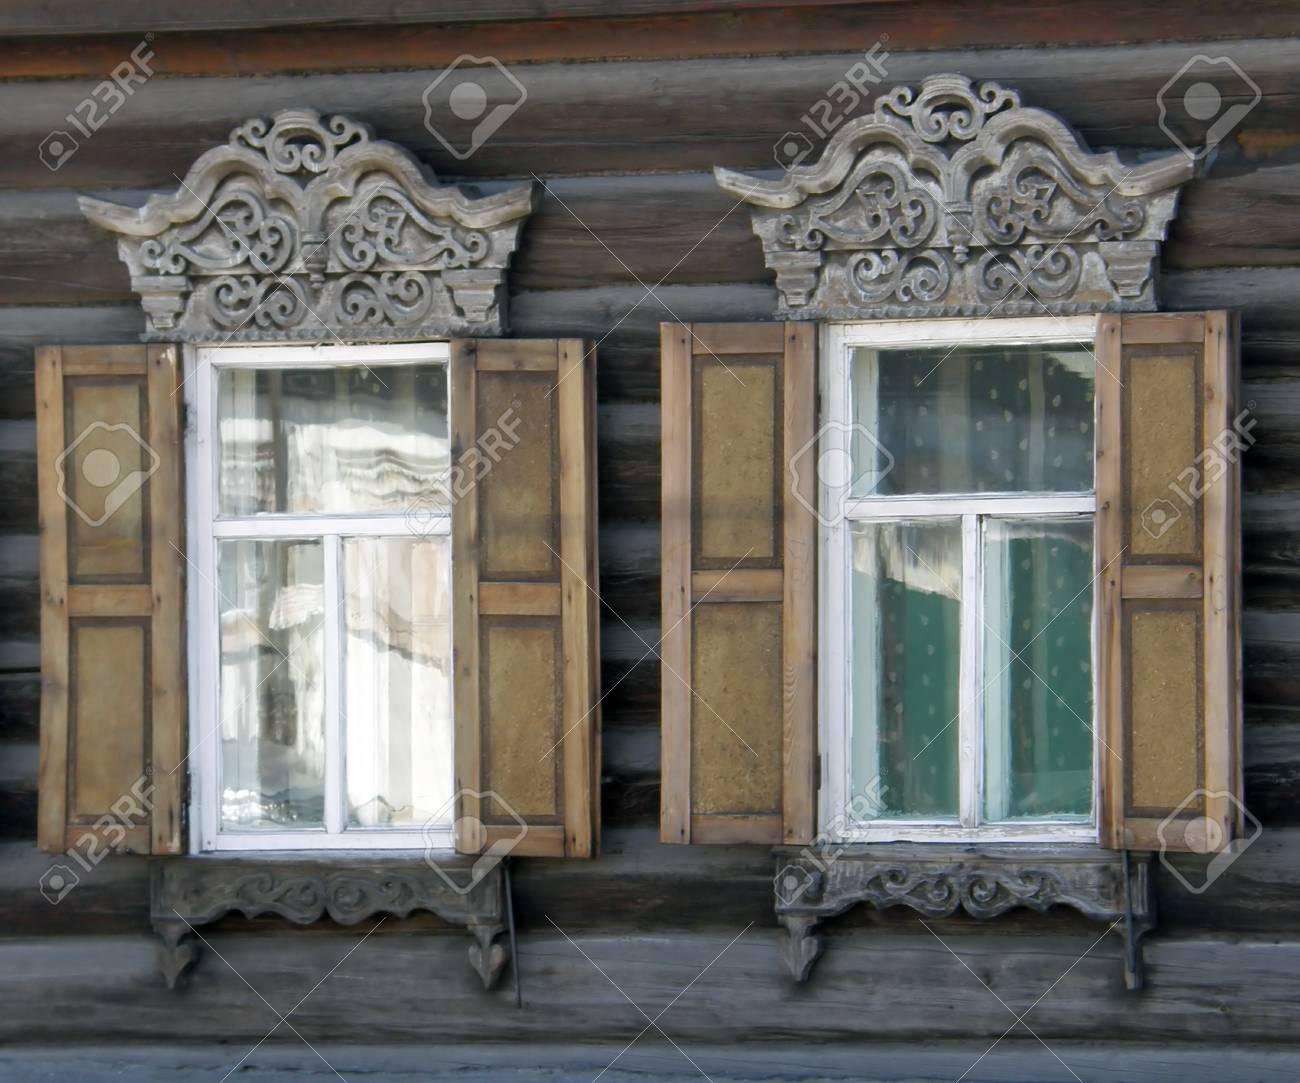 Die Fenster Mit Schönen Türzargen In Alten Holzhaus. Ulan-Ude. Die ...